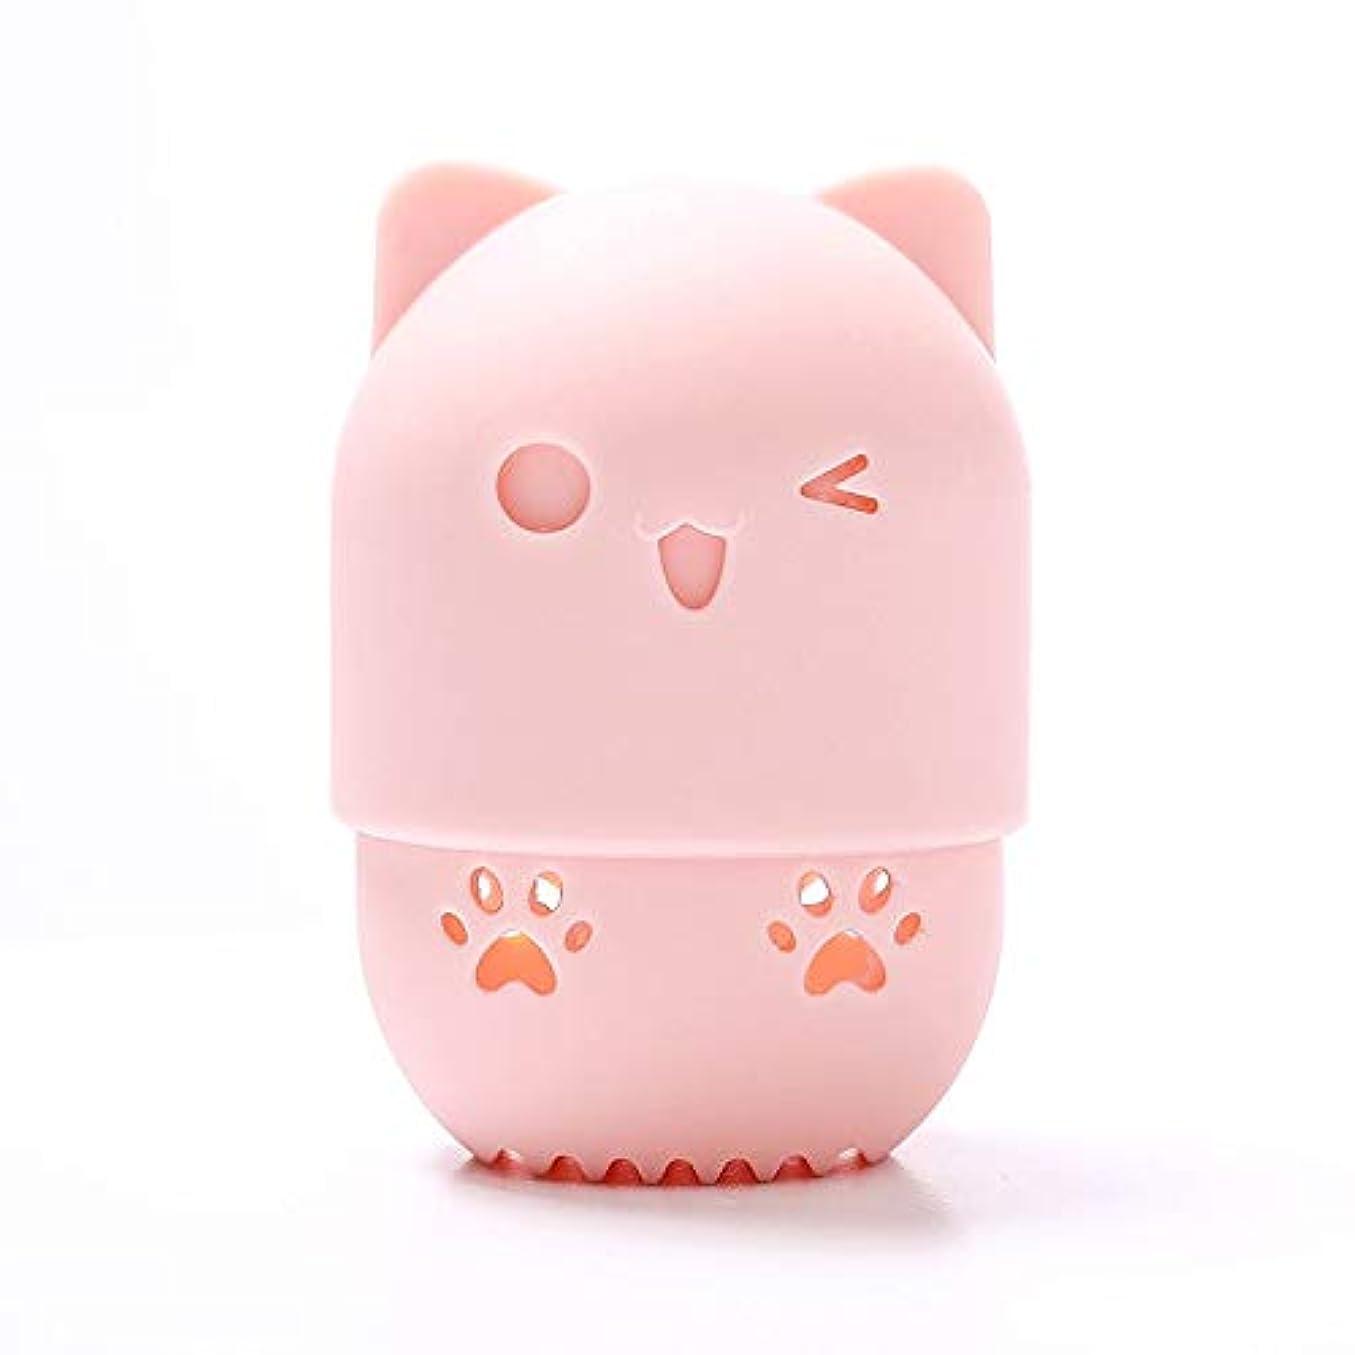 アジテーション悲惨幸運スポンジパフ収納ボックス ,可愛い通気性を柔らか美容スポンジ シリコン旅行 キャリングケース、あらゆる化粧スポンジ適用 (ピンク)